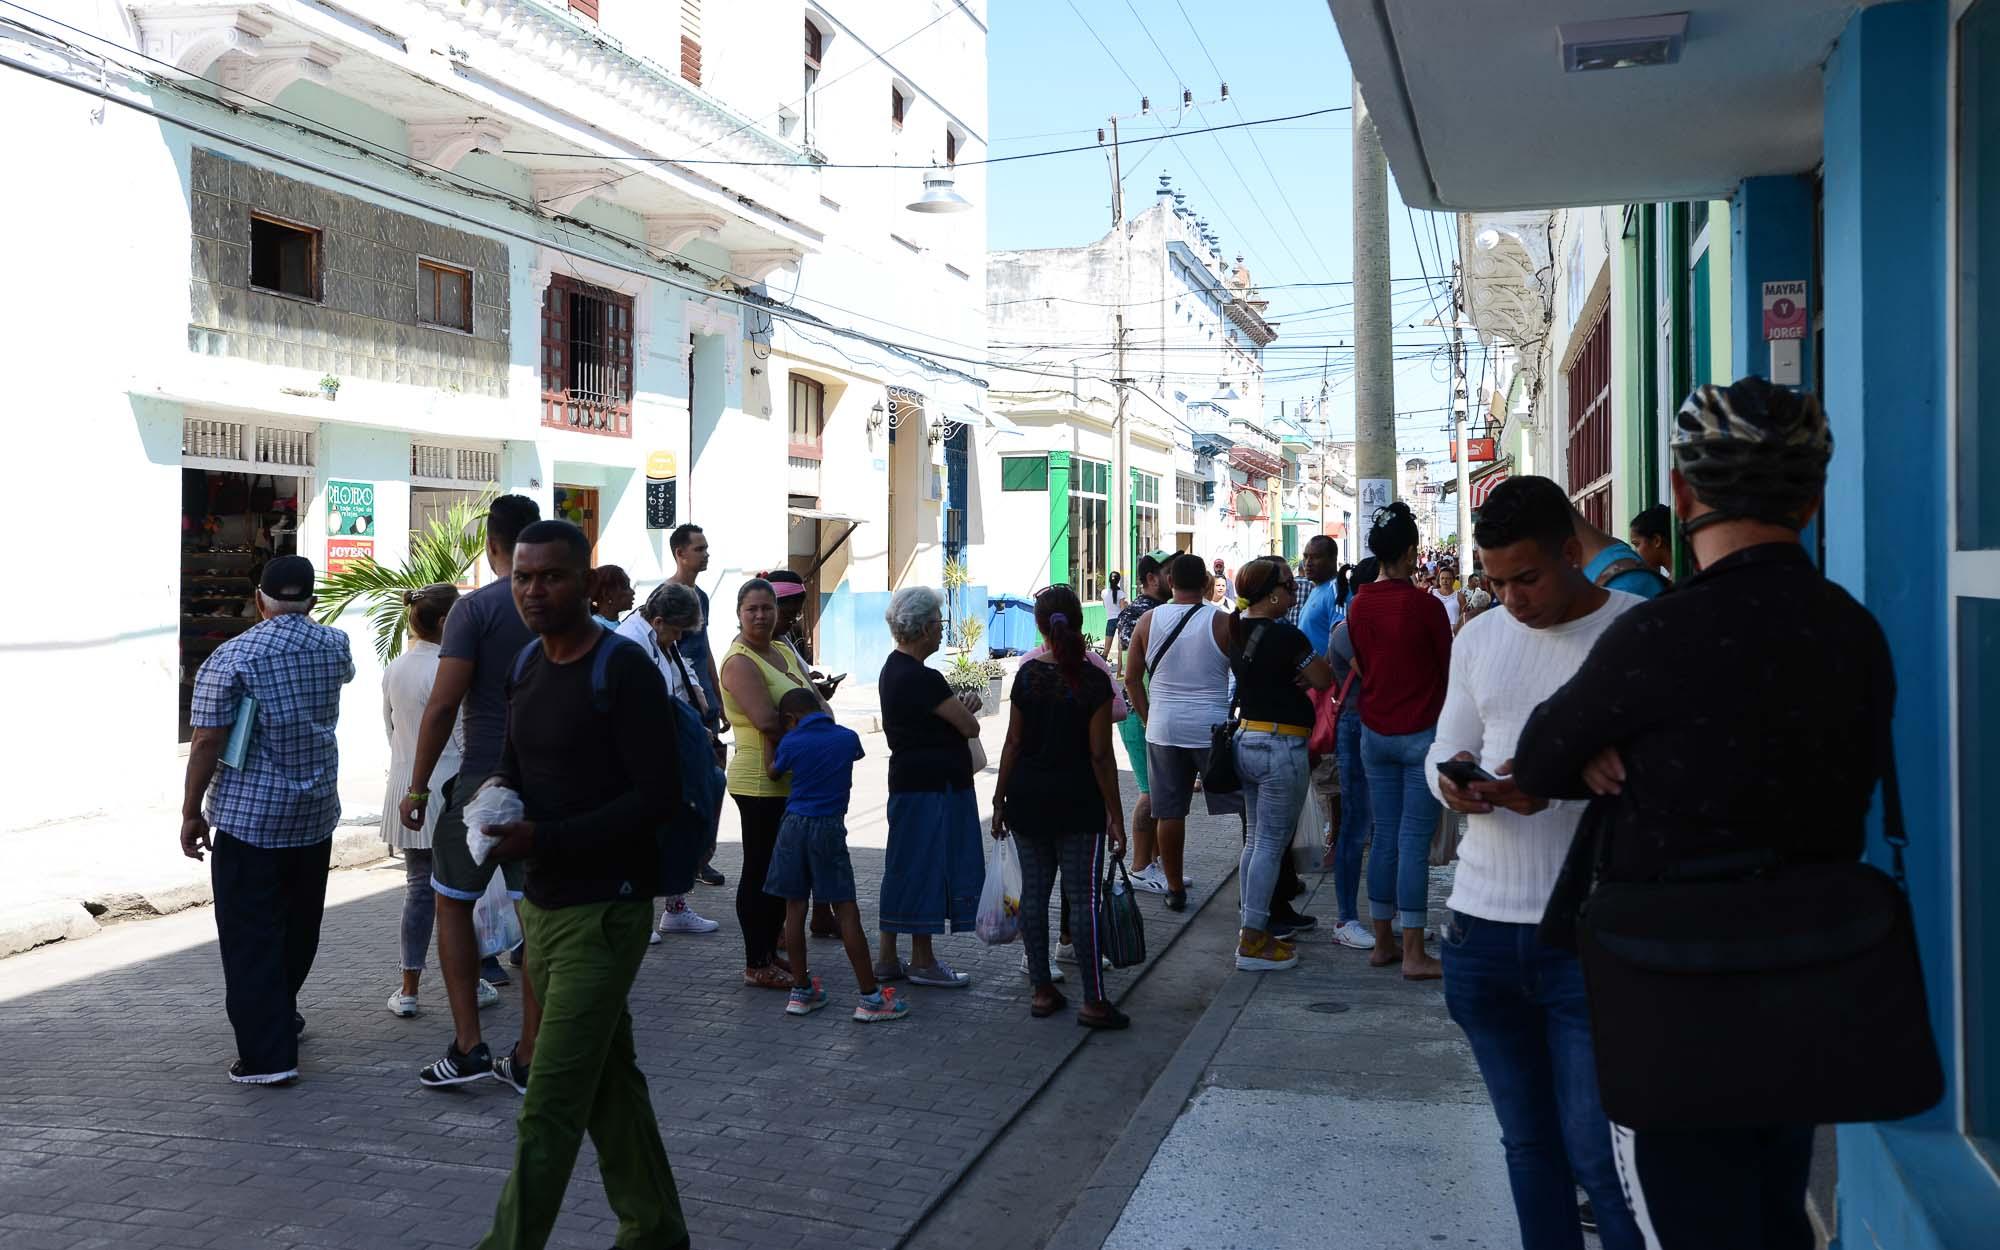 Warteschlangen vor Geschäften gehören zum kubanischen Alltag